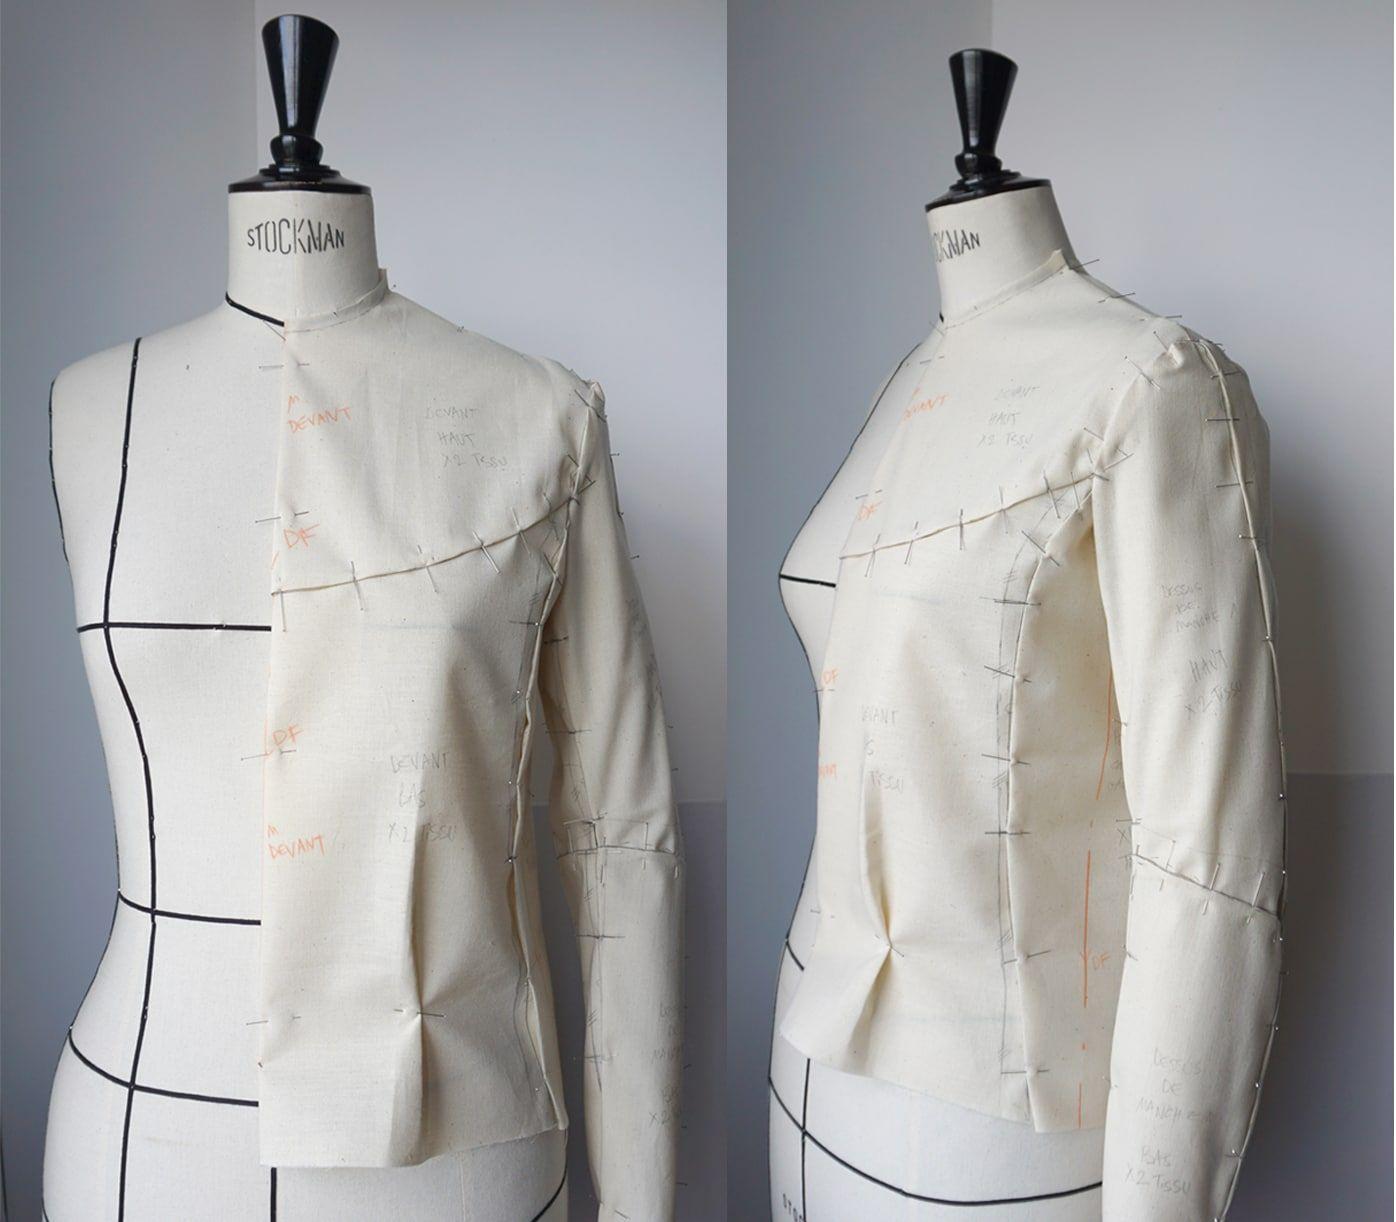 Toile – Sur mannequin Stockman – Veste en cuir d agneau napa – Noire – Doublure imprimee – Femme – Sur-mesure-1